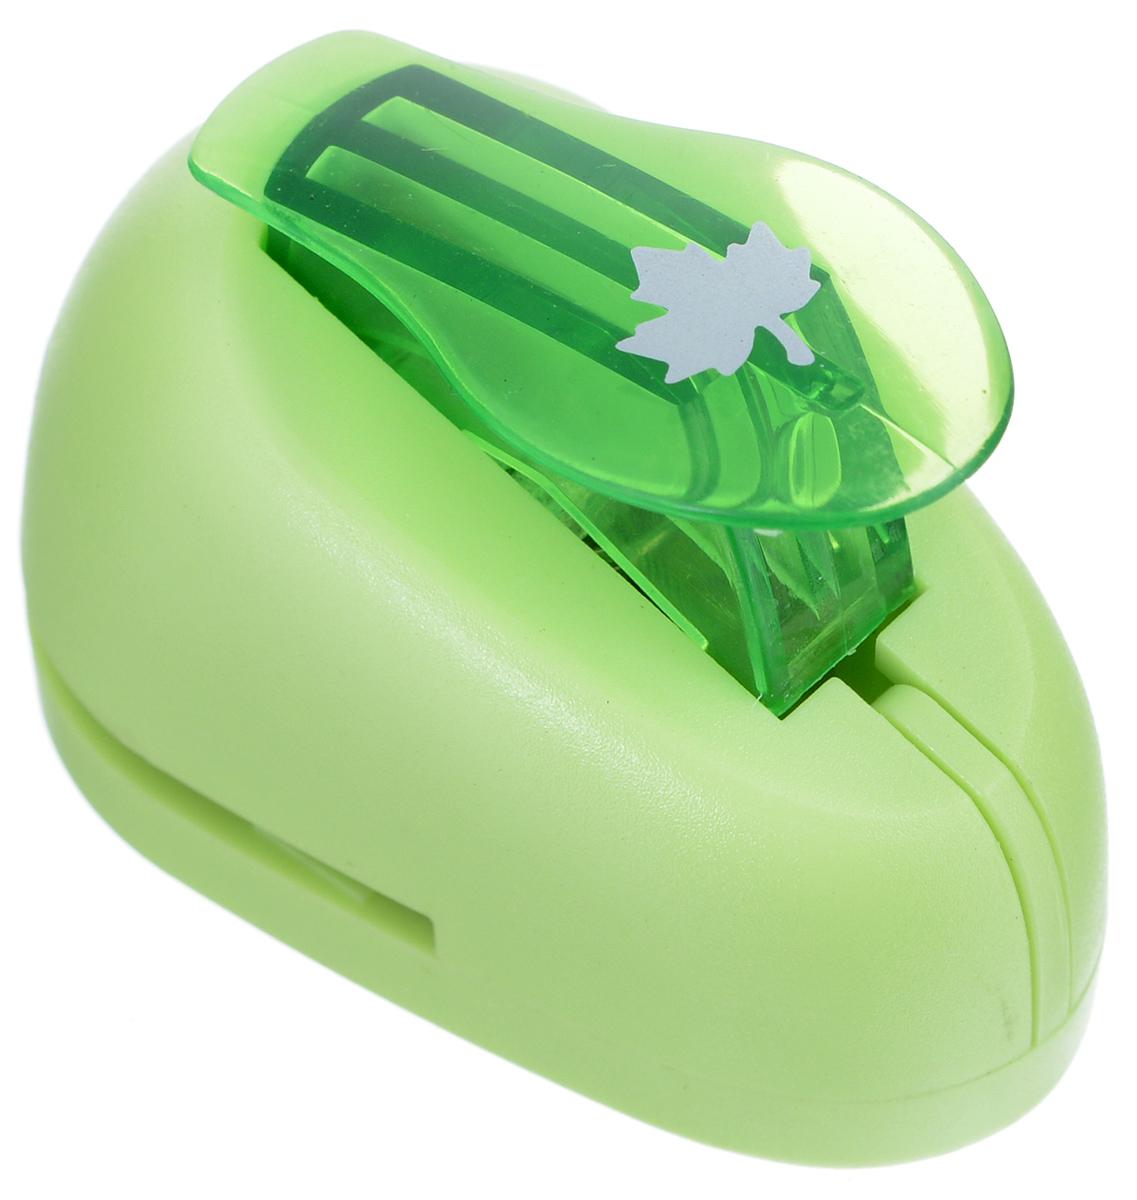 Дырокол фигурный Hobbyboom Кленовый лист, №66, цвет: зеленый, 1 смCD-99XS-066/69510_зеленыйДырокол фигурный используется в скрапбукинге, для украшения открыток, карточек, коробочек и т.д. Рисунок прорези указан на ручке дырокола. Используется для прорезания фигурных отверстий в бумаге. Вырезанный элемент также можно использовать для украшения. Предназначен для бумаги определенной плотности - до 140 г/м2. При применении на бумаге большей плотности или на картоне, дырокол быстро затупится. Чтобы заточить нож компостера, нужно прокомпостировать самую тонкую наждачку. Чтобы смазать режущий механизм - парафинированнную бумагу. Размер готовой фигурки: 1 см.